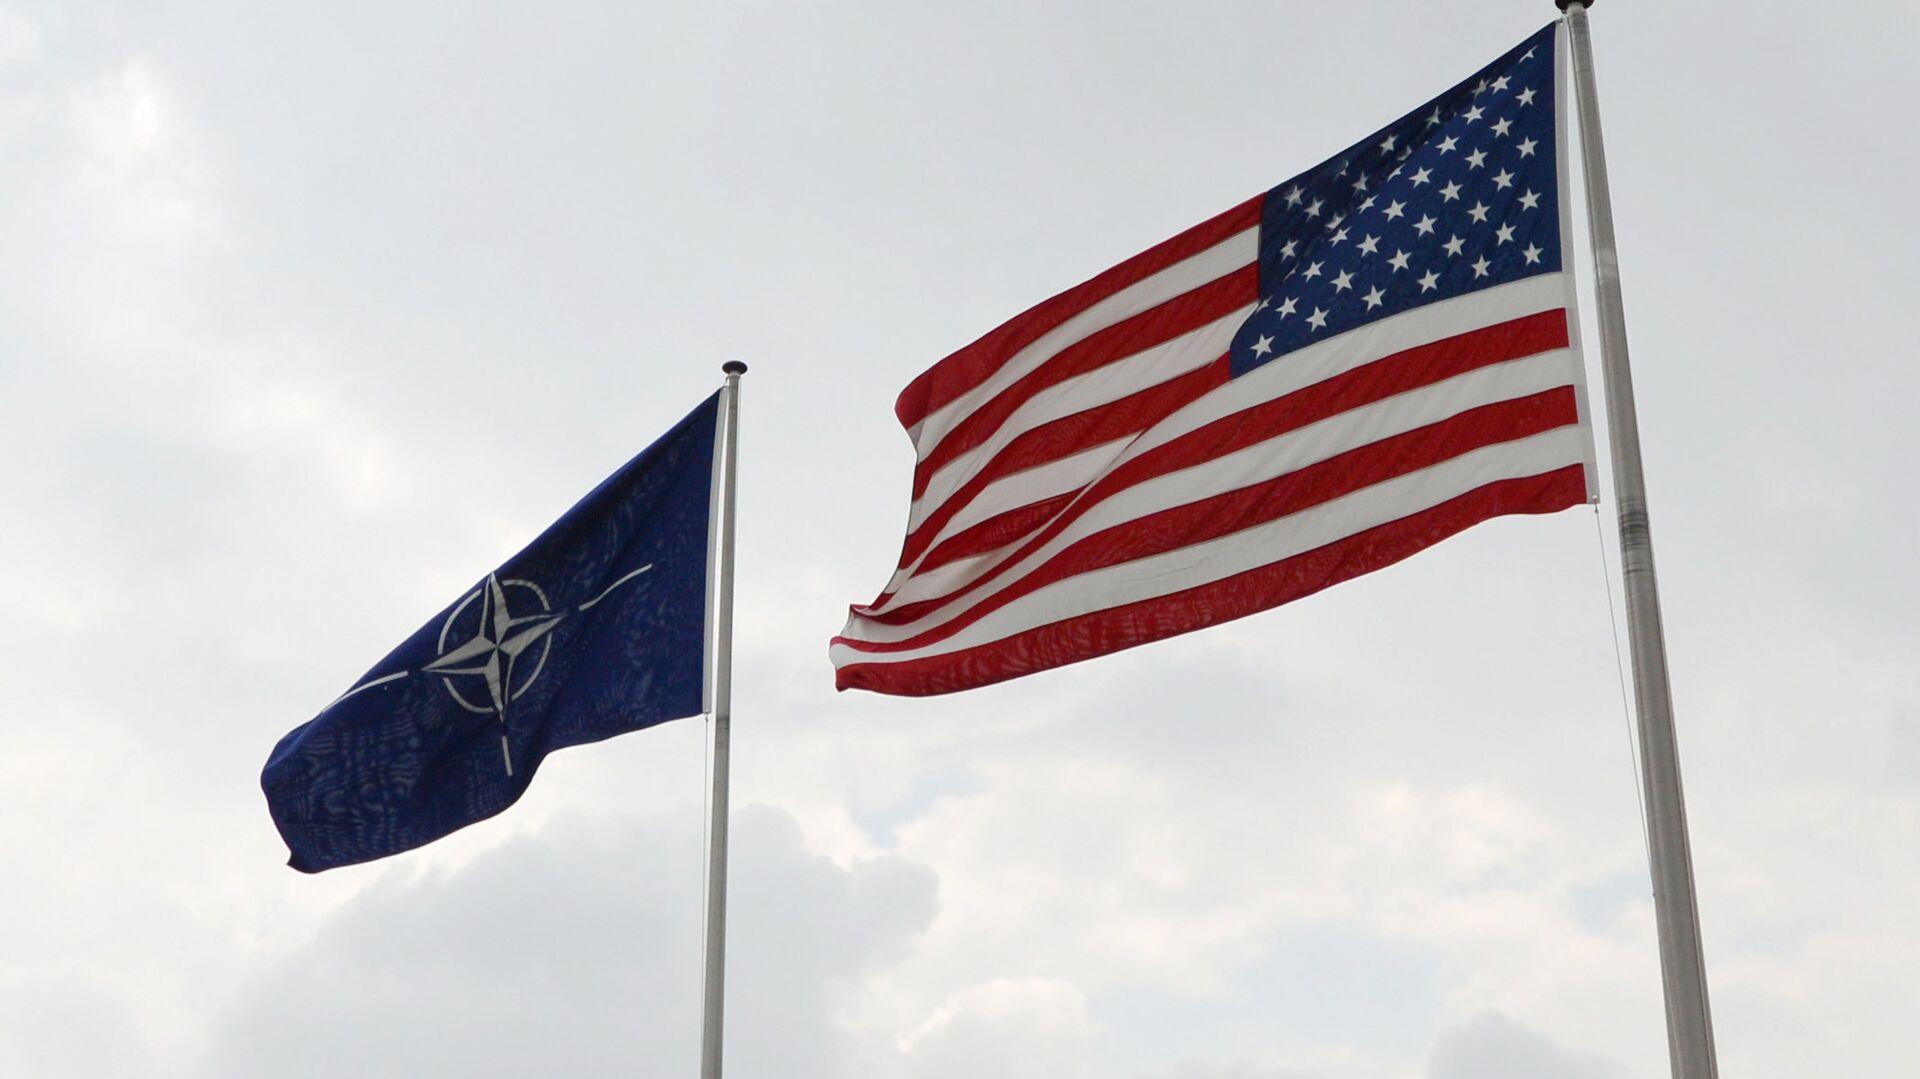 Banderas de EEUU y la OTAN en la sede de la alianza atlántica en Bruselas - Sputnik Mundo, 1920, 23.03.2021